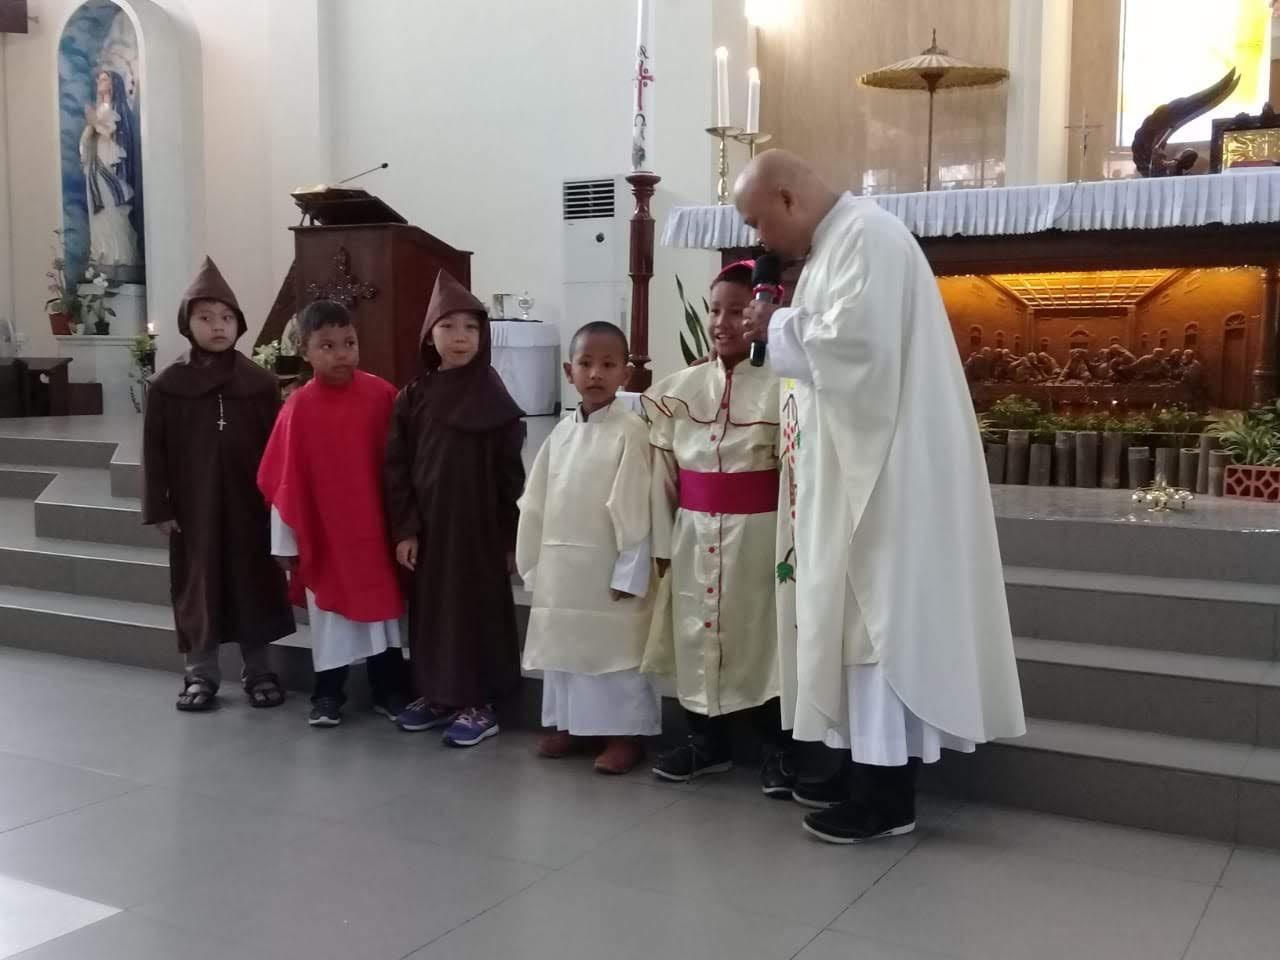 RD. Aloysius Dwi Prasetyo bersama anak-anak Sekami Santa Maria Kartasura yang berkostum bak romo dan suster